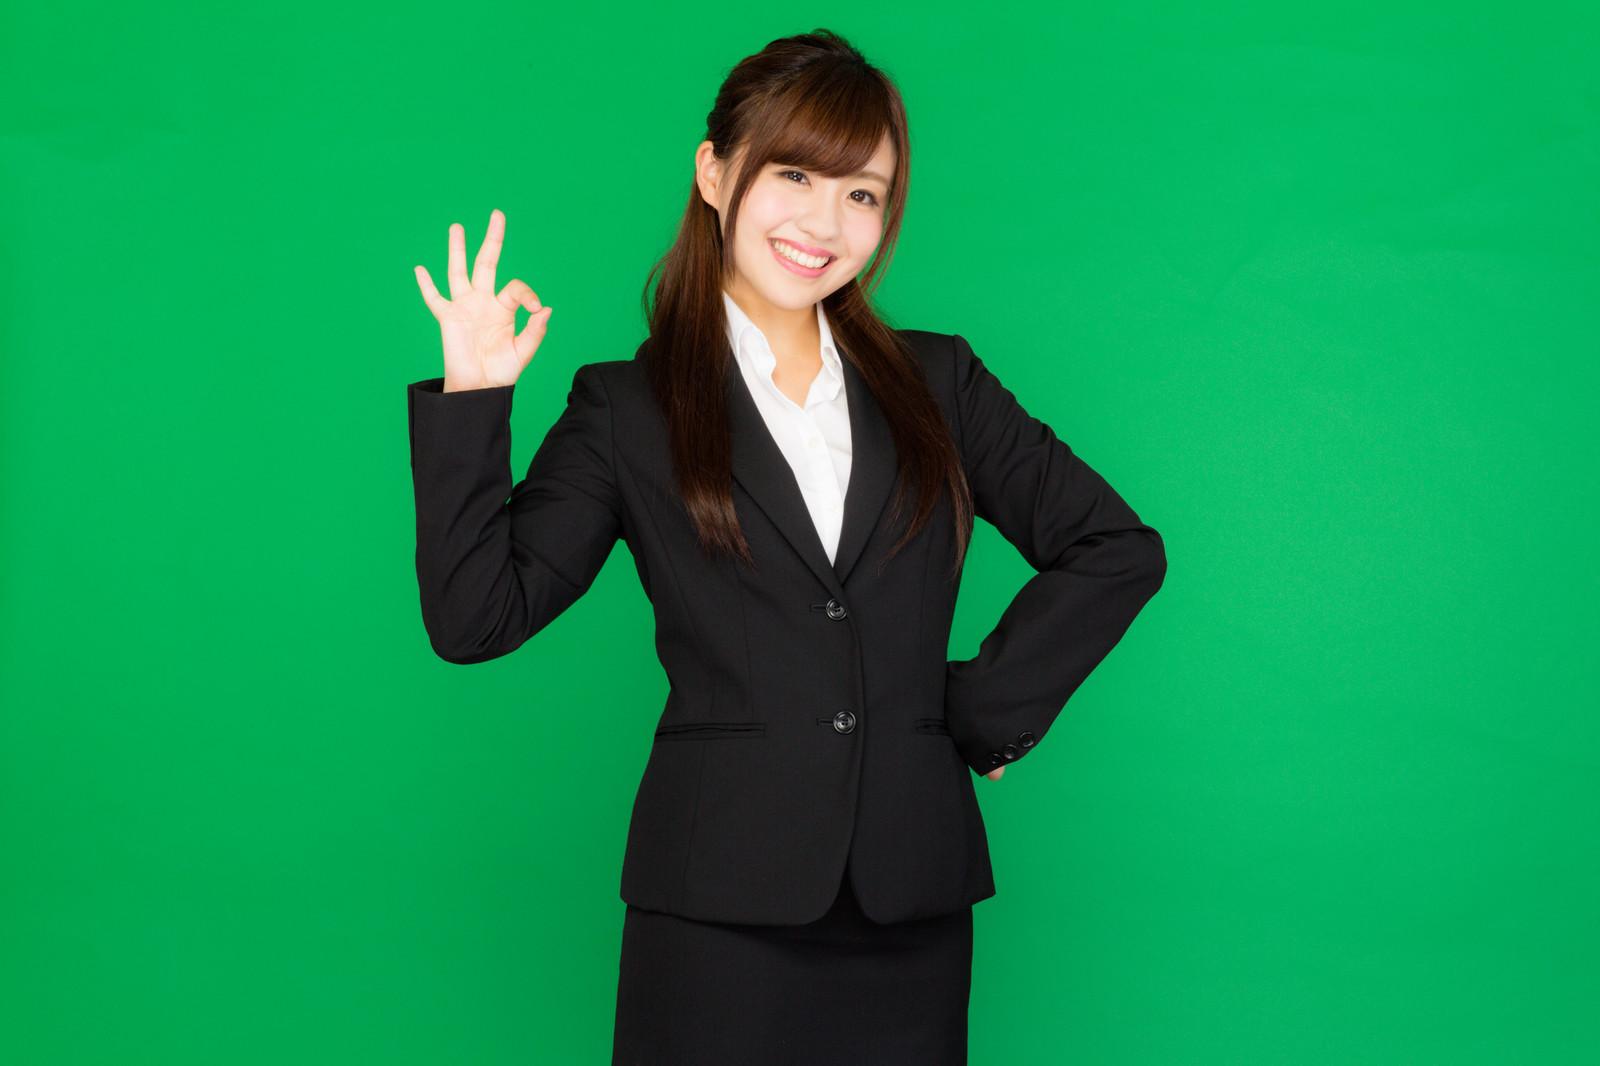 第二新卒が登録すべきおすすめの転職サイト、転職エージェント。